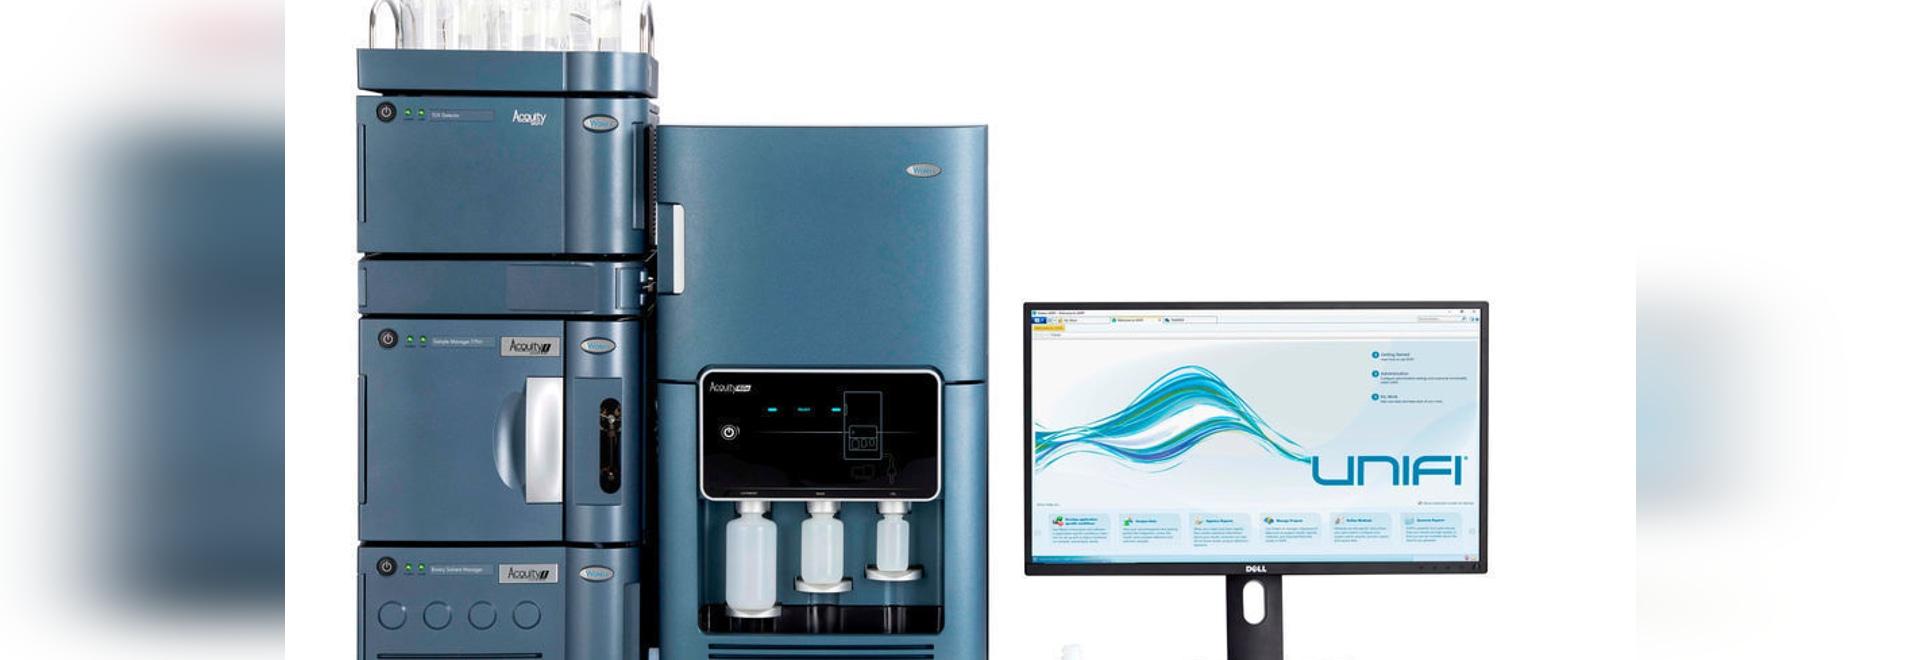 Le système de Biopharma rend la spectrométrie plus accessible